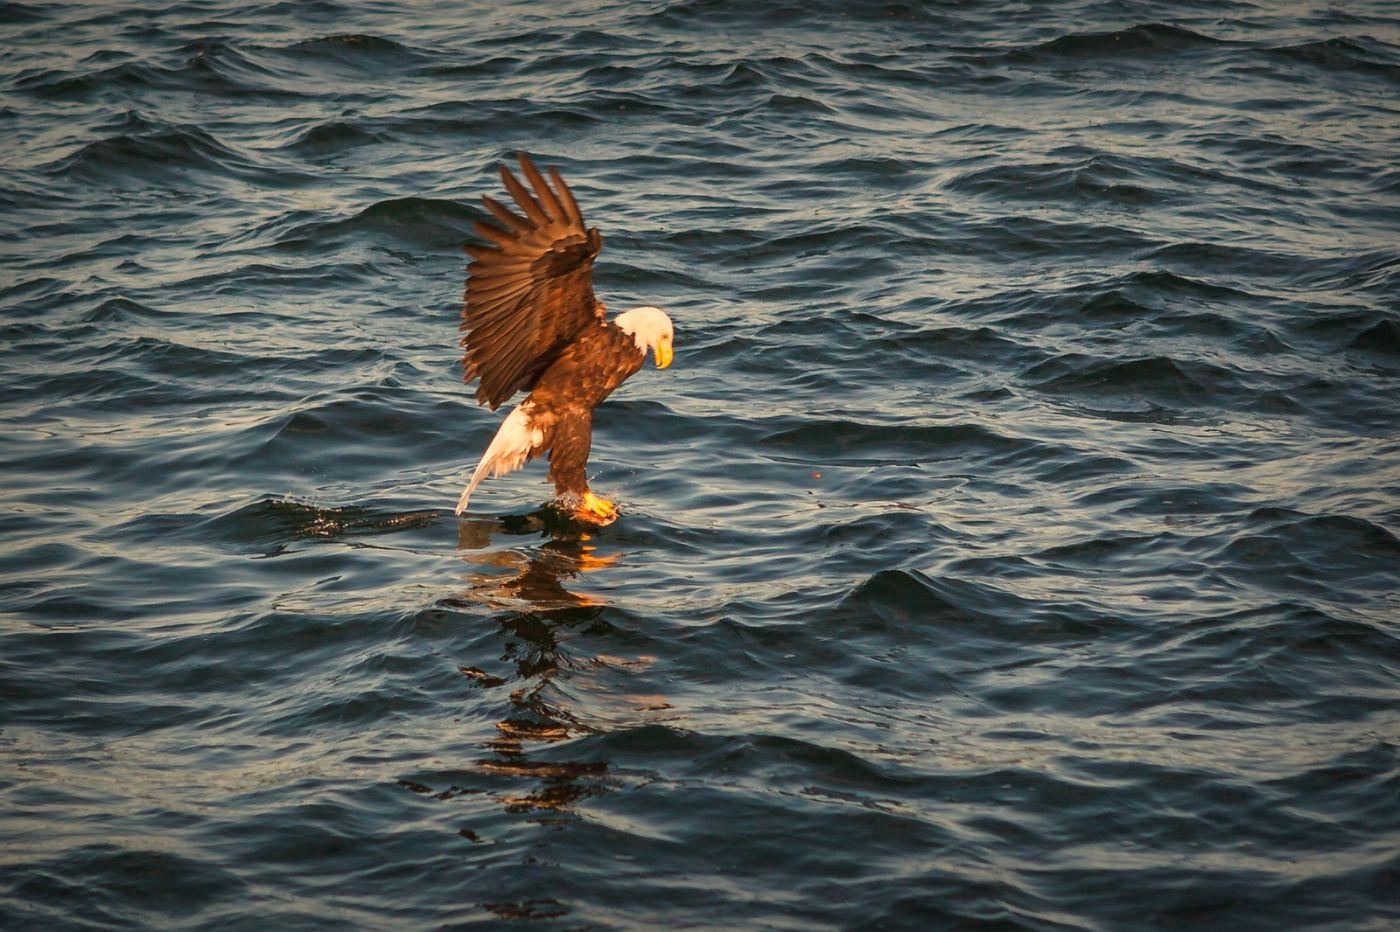 加拿大Nova Scotia, 帆船灯塔老鹰_图1-22